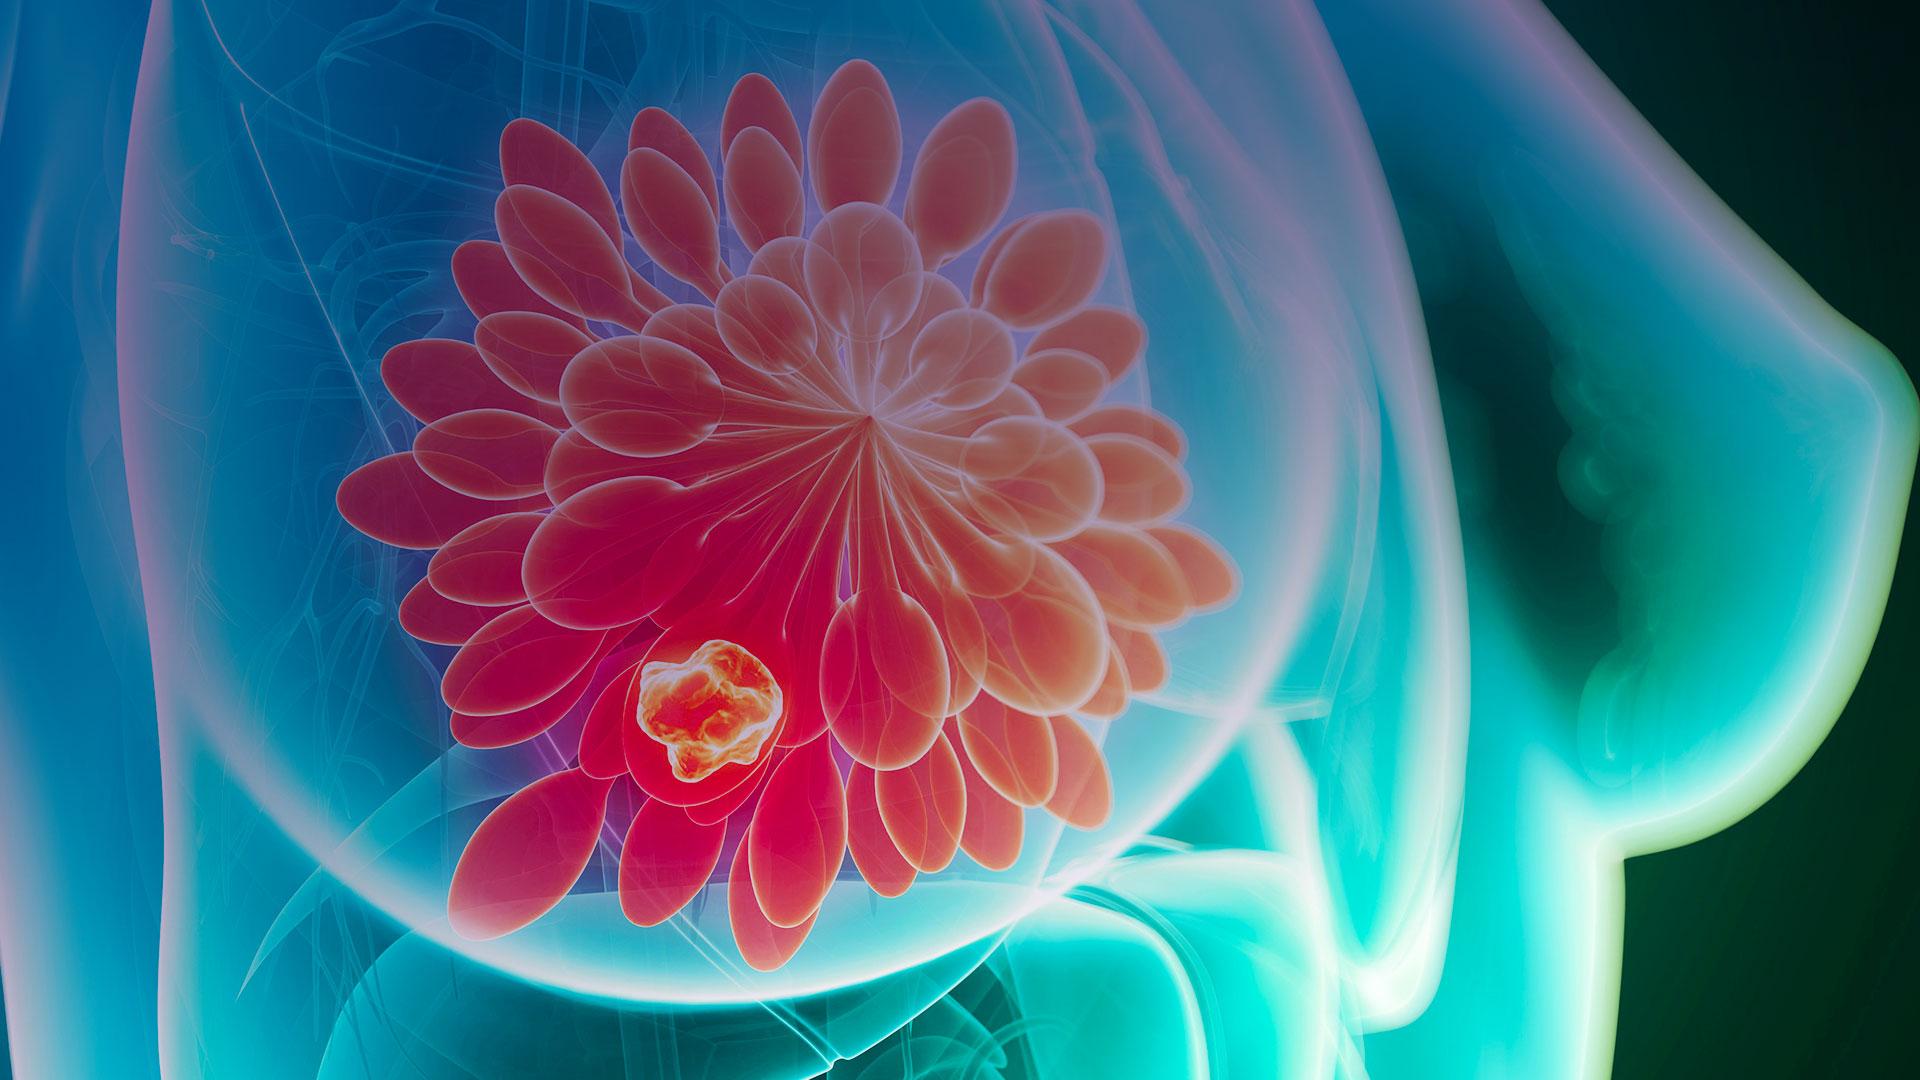 Tenho câncer de mama metastático qual é o meu prognóstico